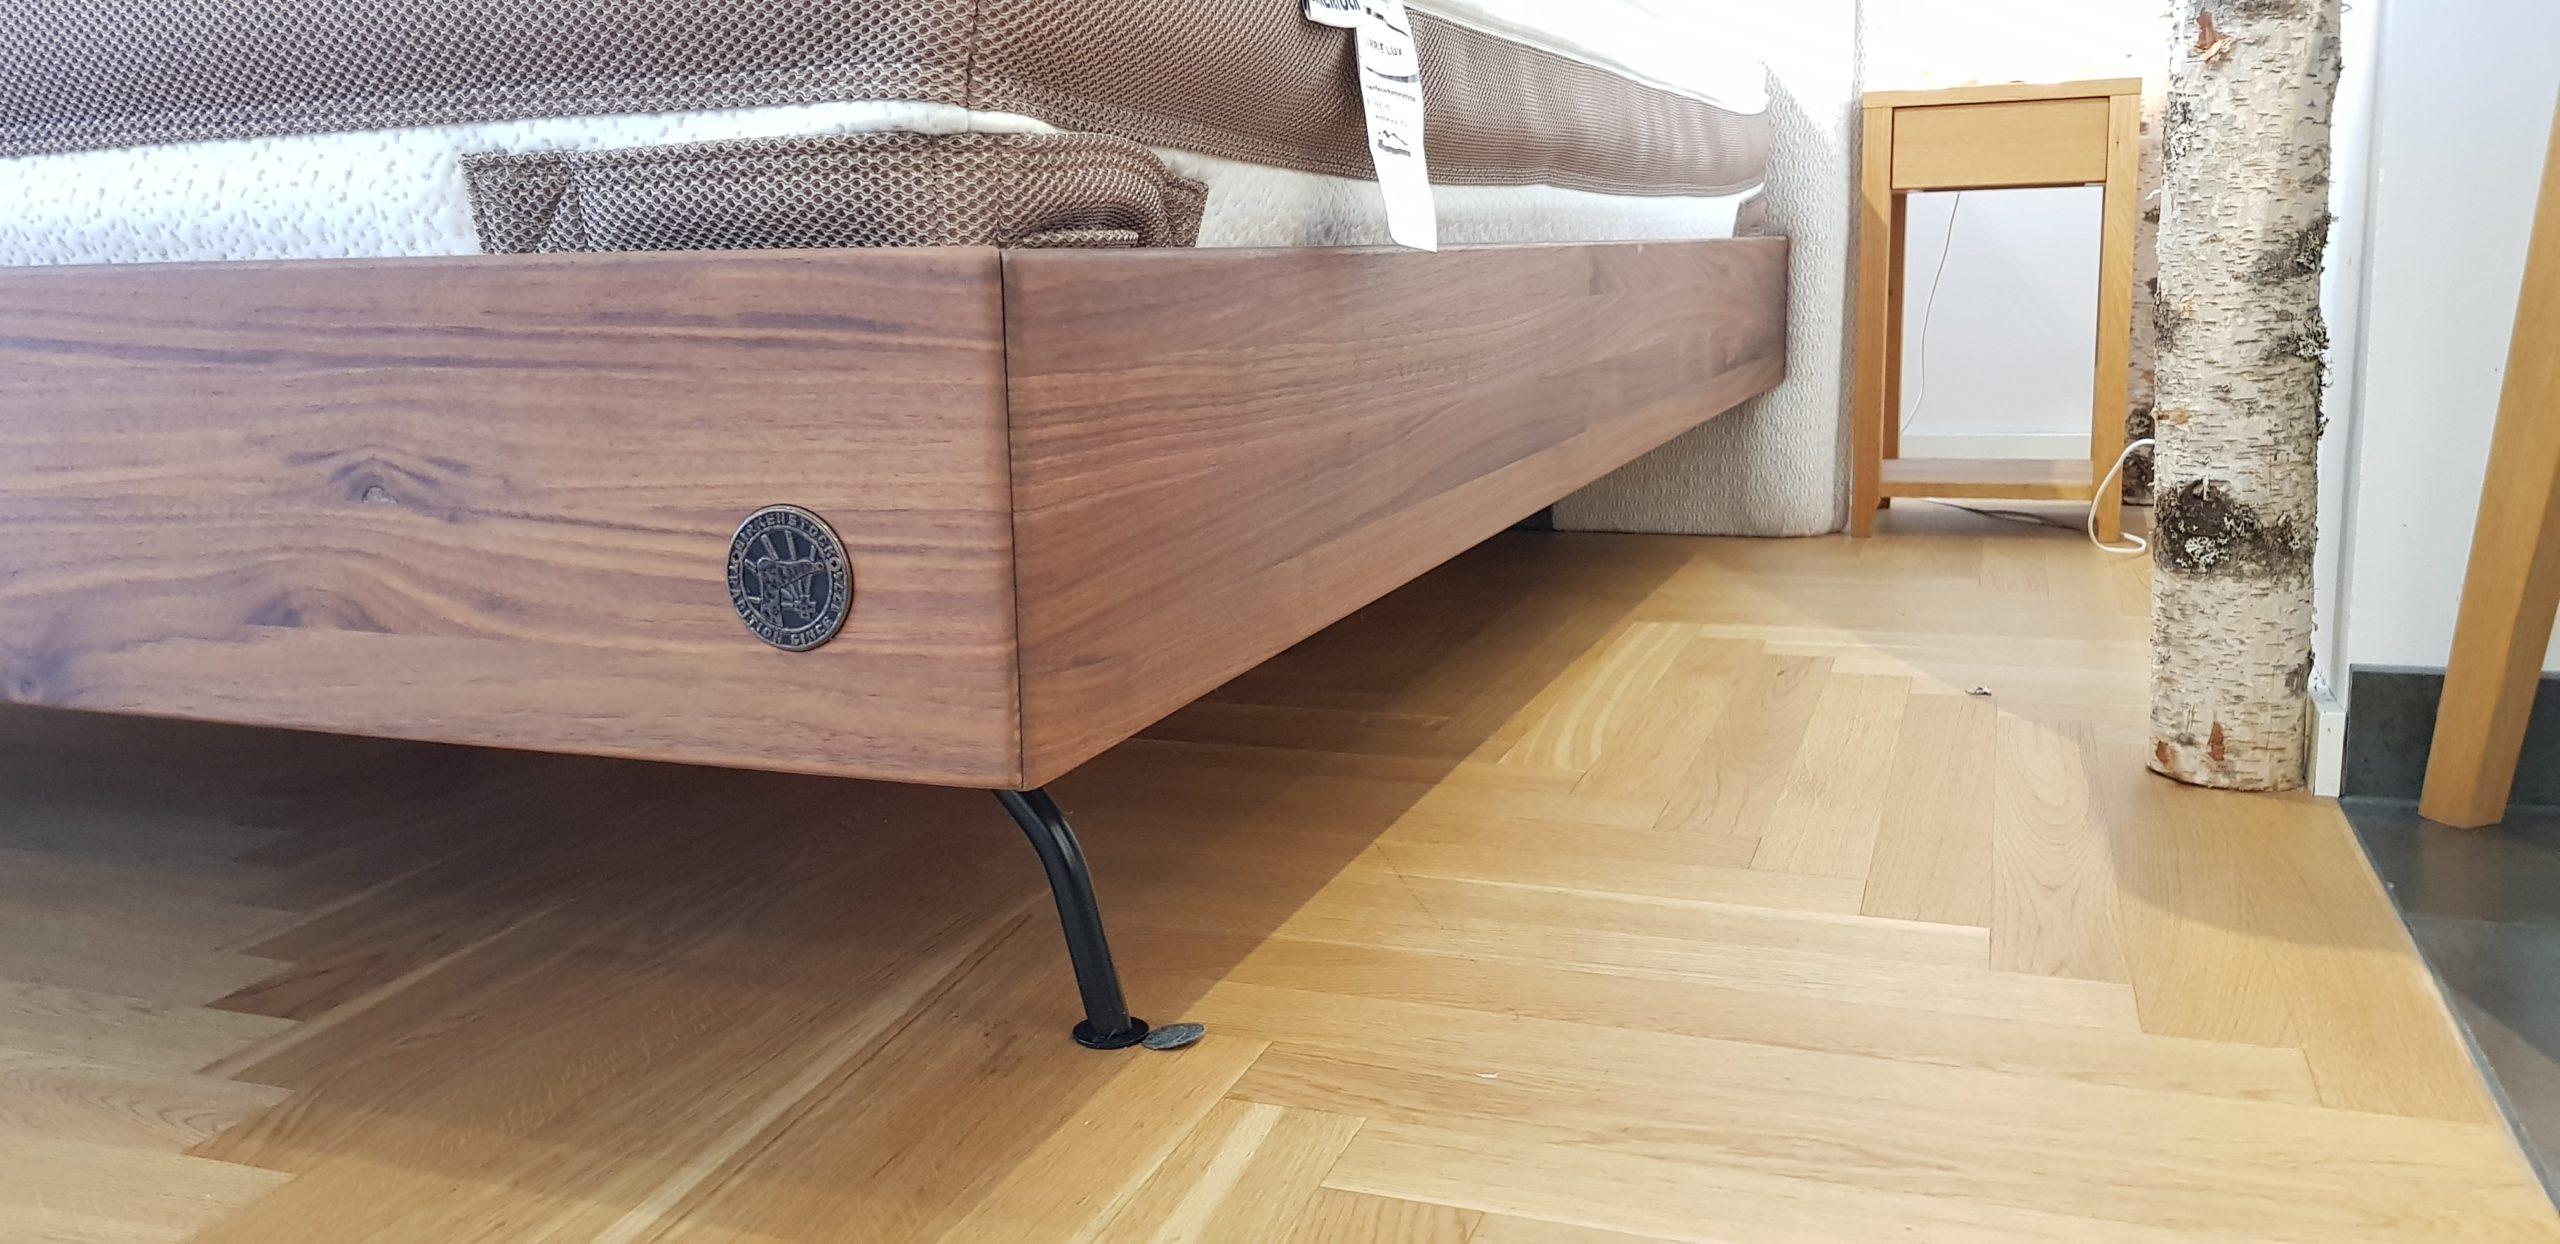 Vorteile und Nachteile von Holz- und Metallbetten